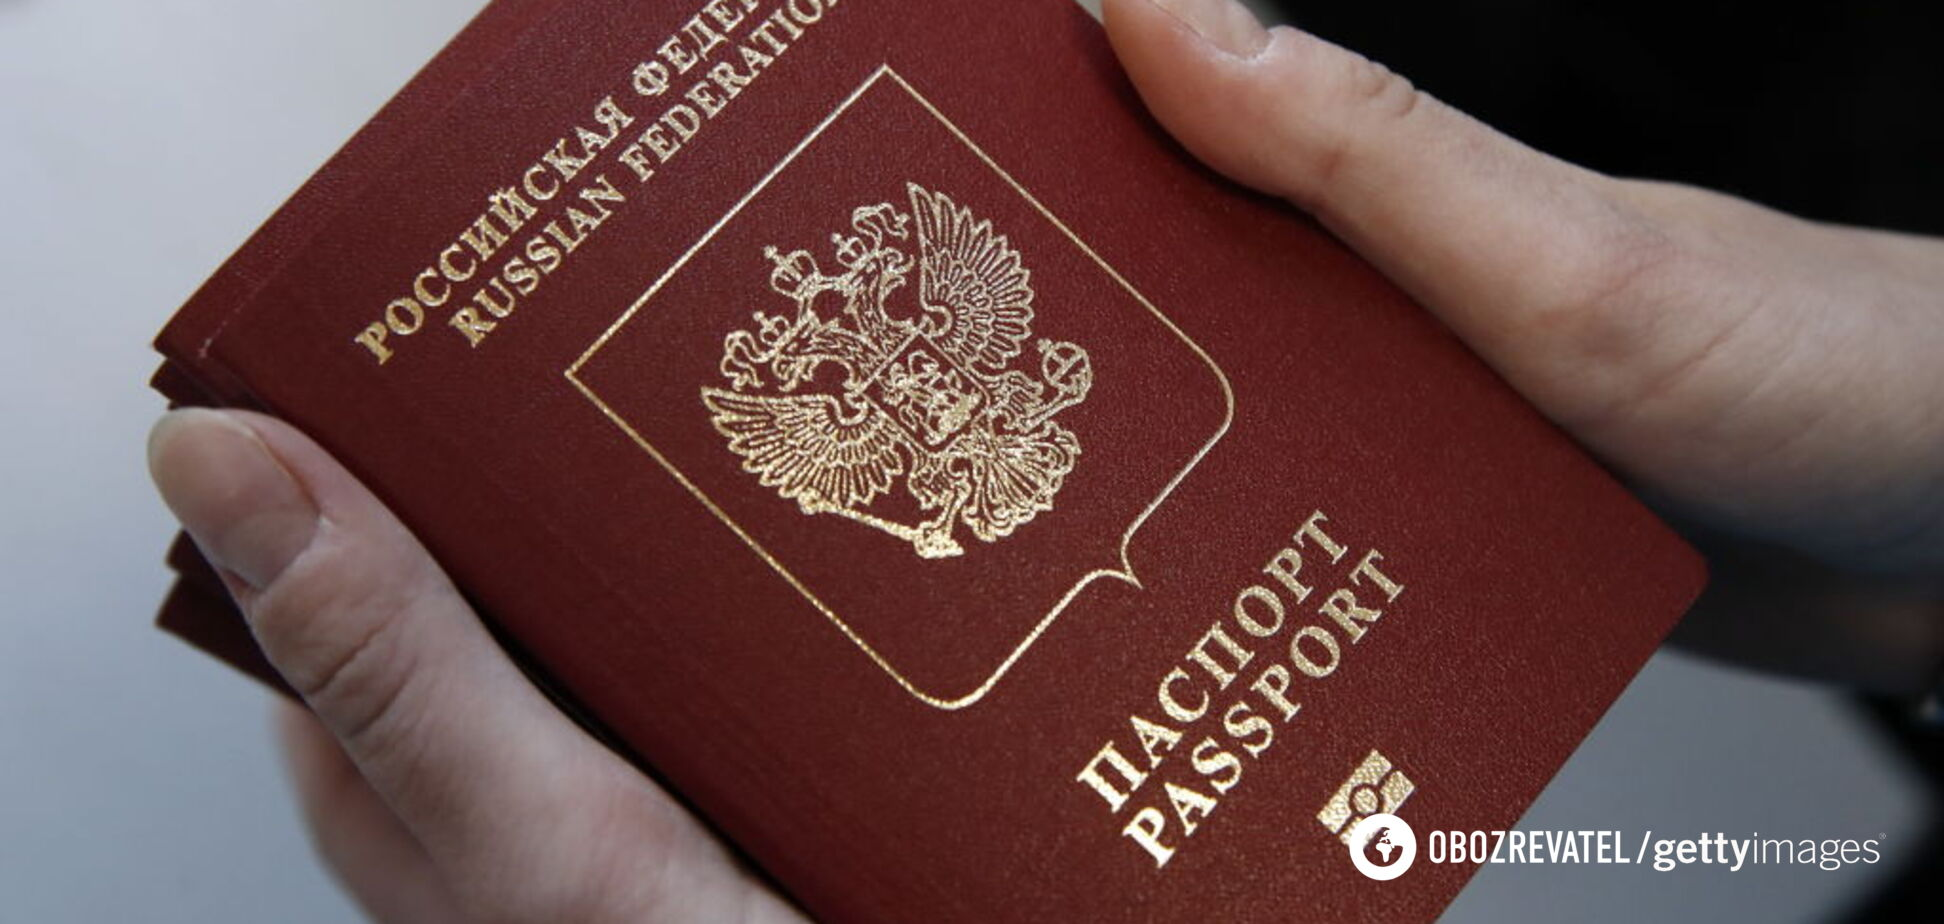 Кислиця розповів, скільки Путін роздав російських паспортів на Донбасі